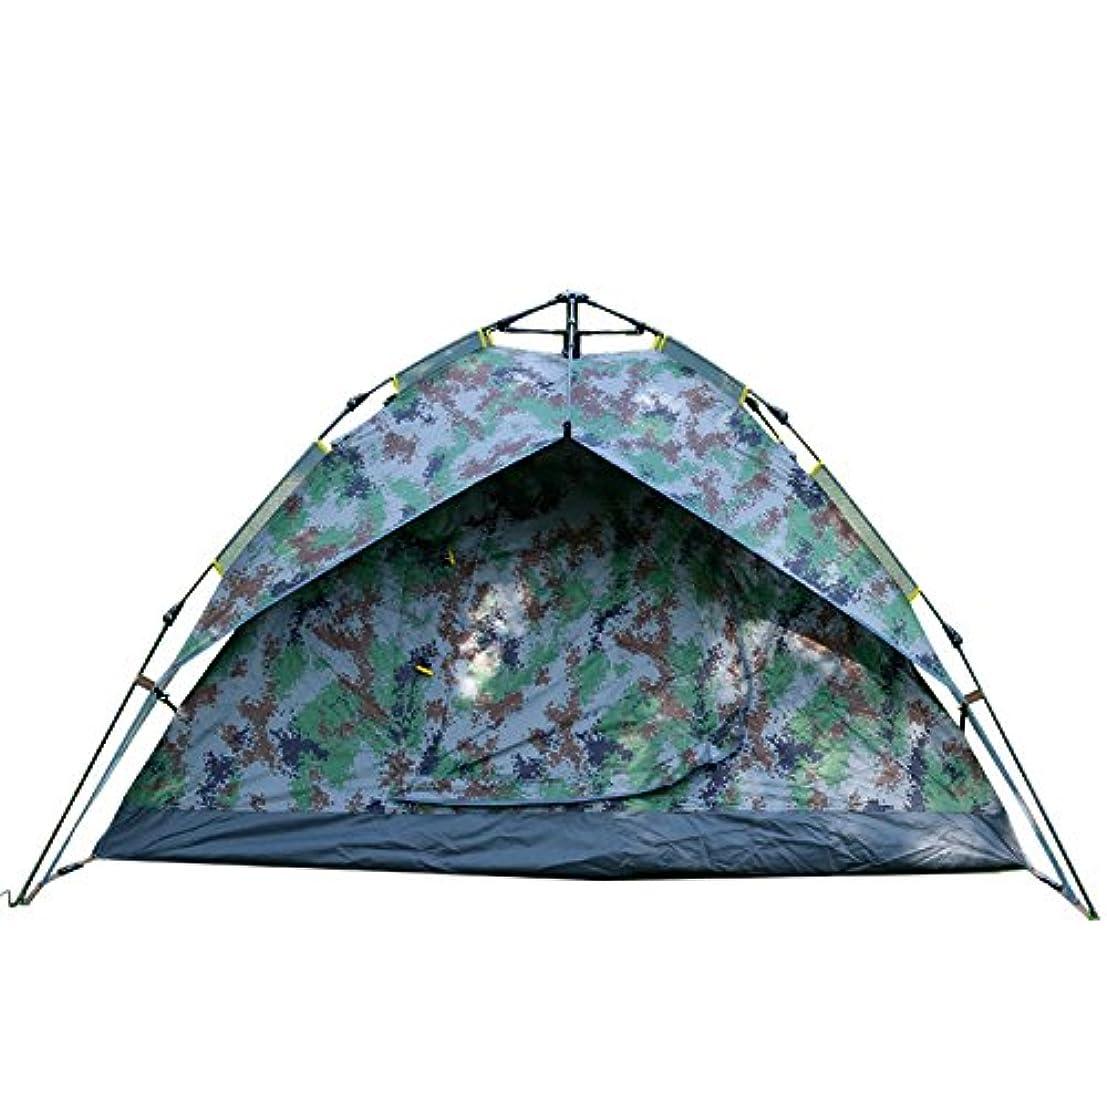 セイはさておき理想的には政治家Wppolika 3?4人屋外自動キャンプテント、強力な換気、インストールが簡単、広いスペース、防水、抗UV、日除けテント (Color : 1)